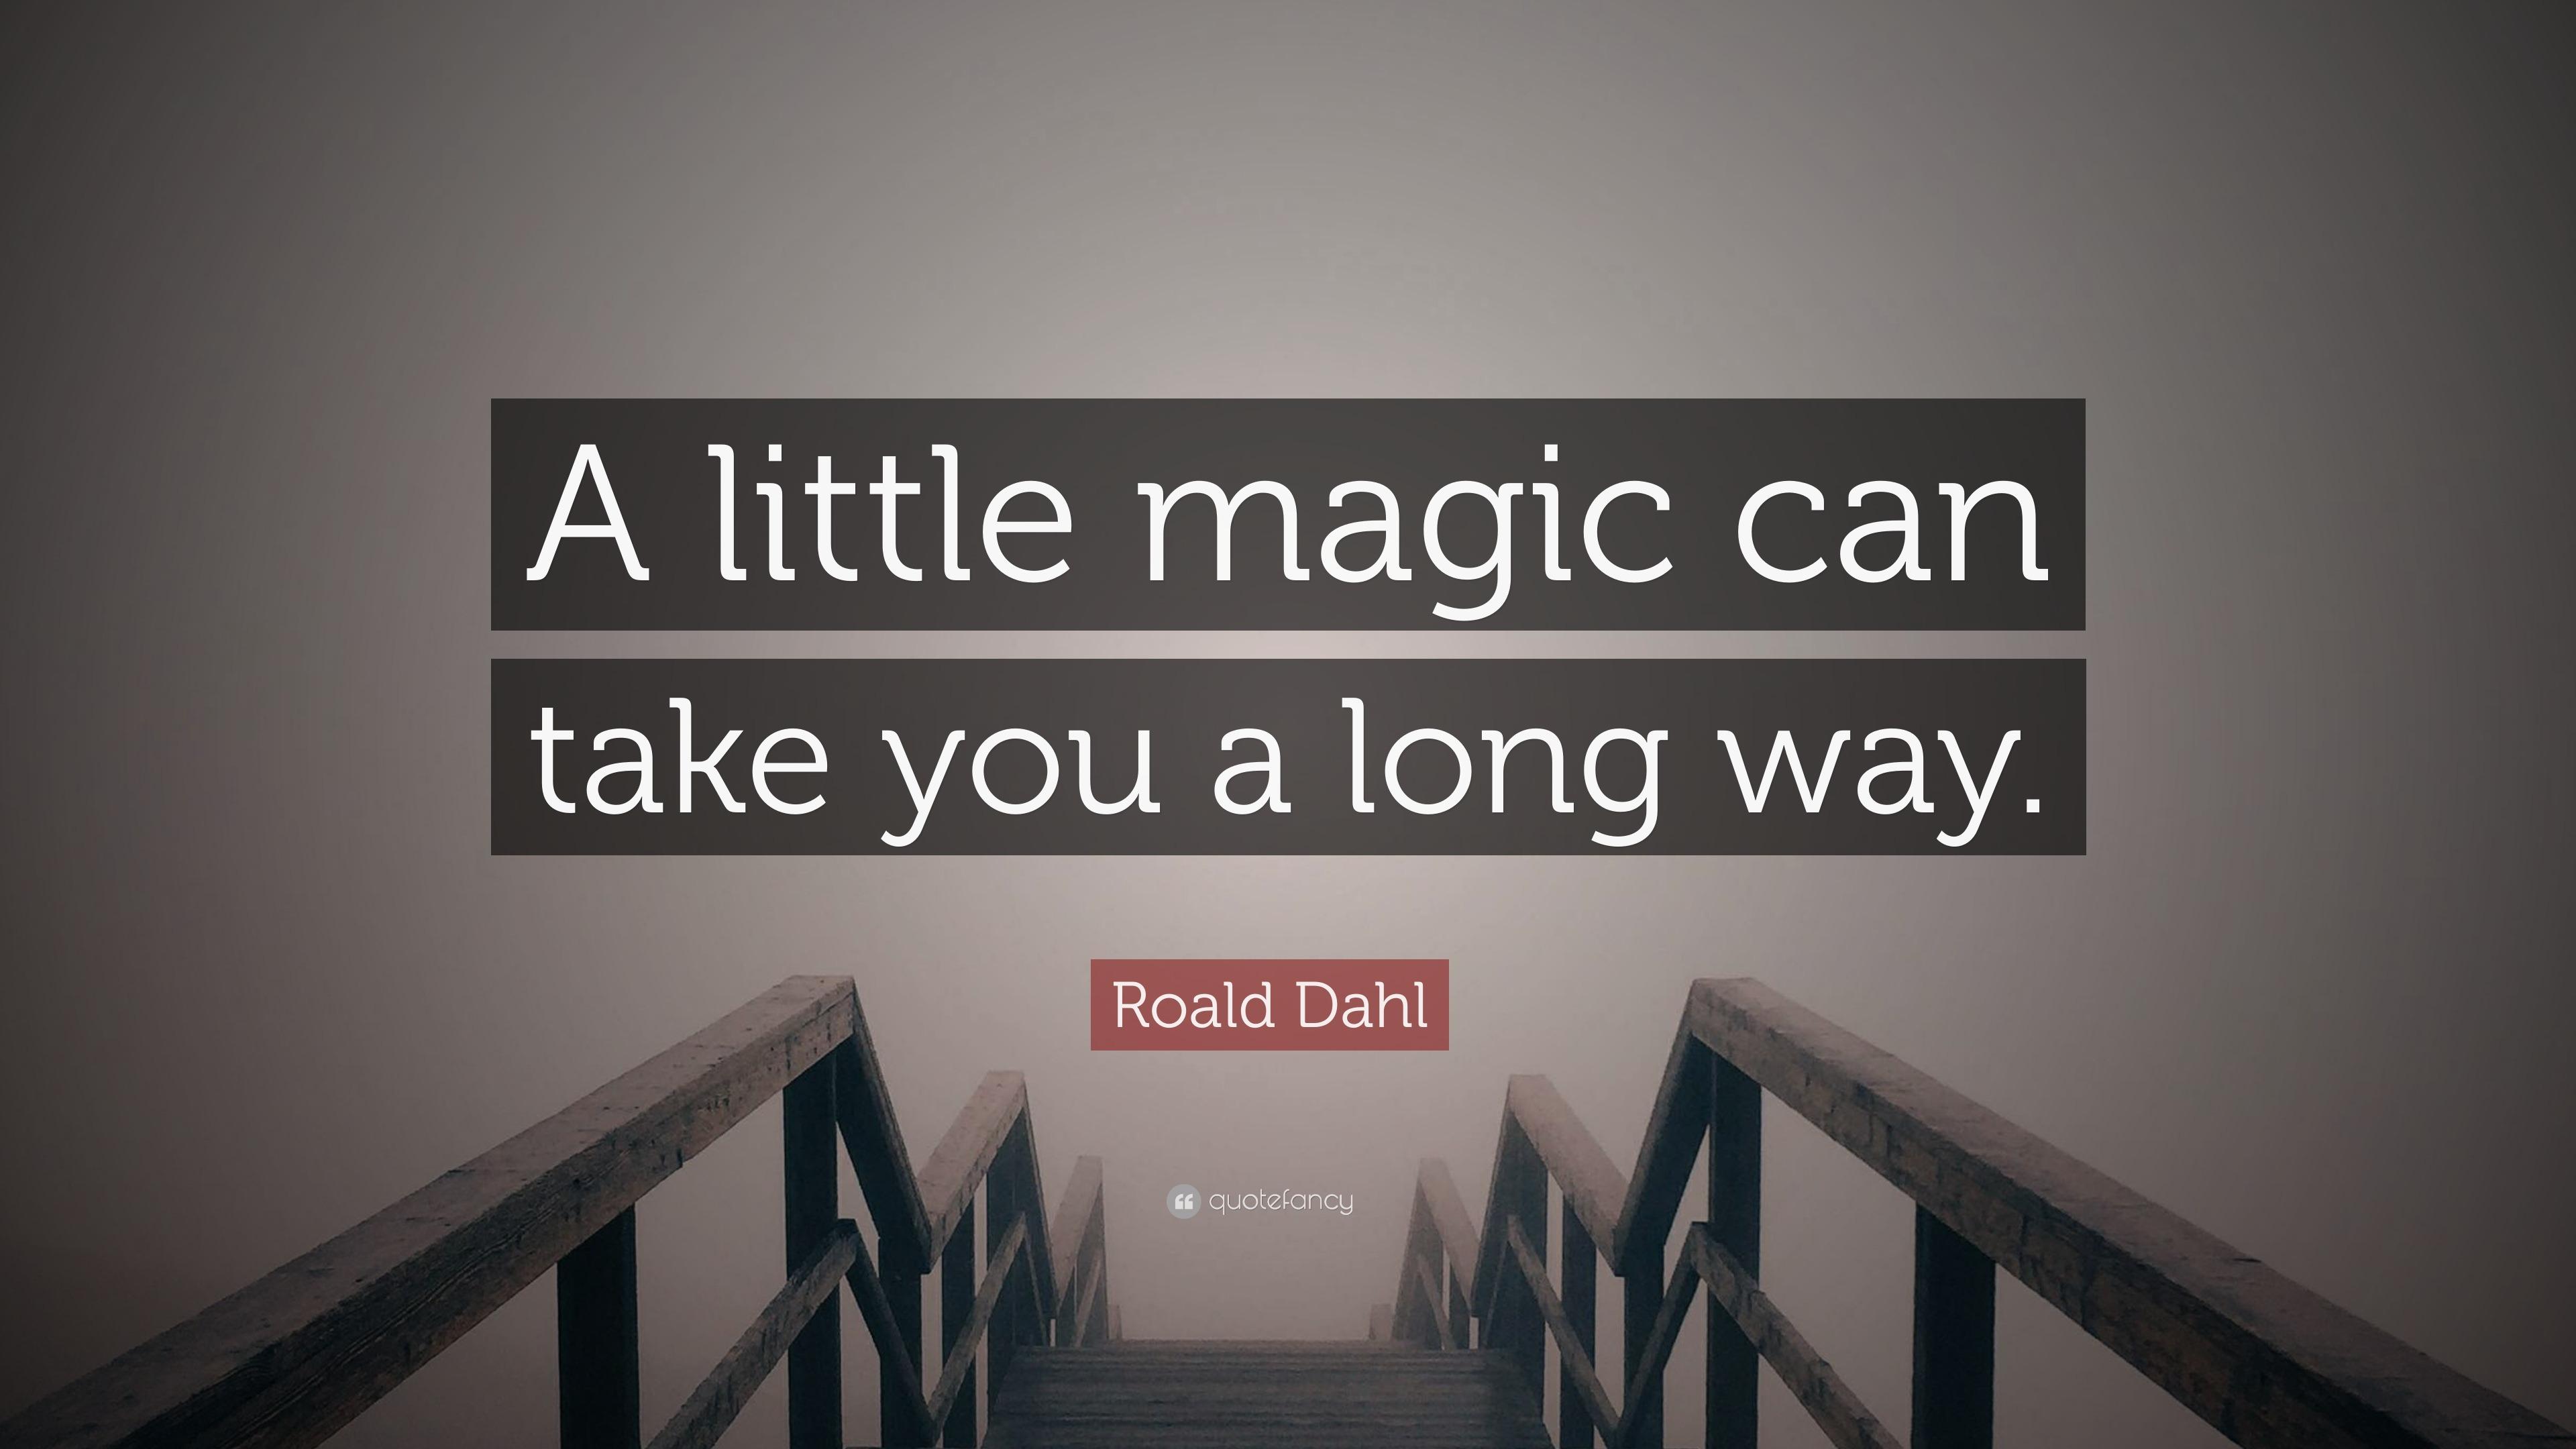 Roald Dahl Quotes Wallpaper Roald Dahl Quotes 100 Wallpapers Quotefancy